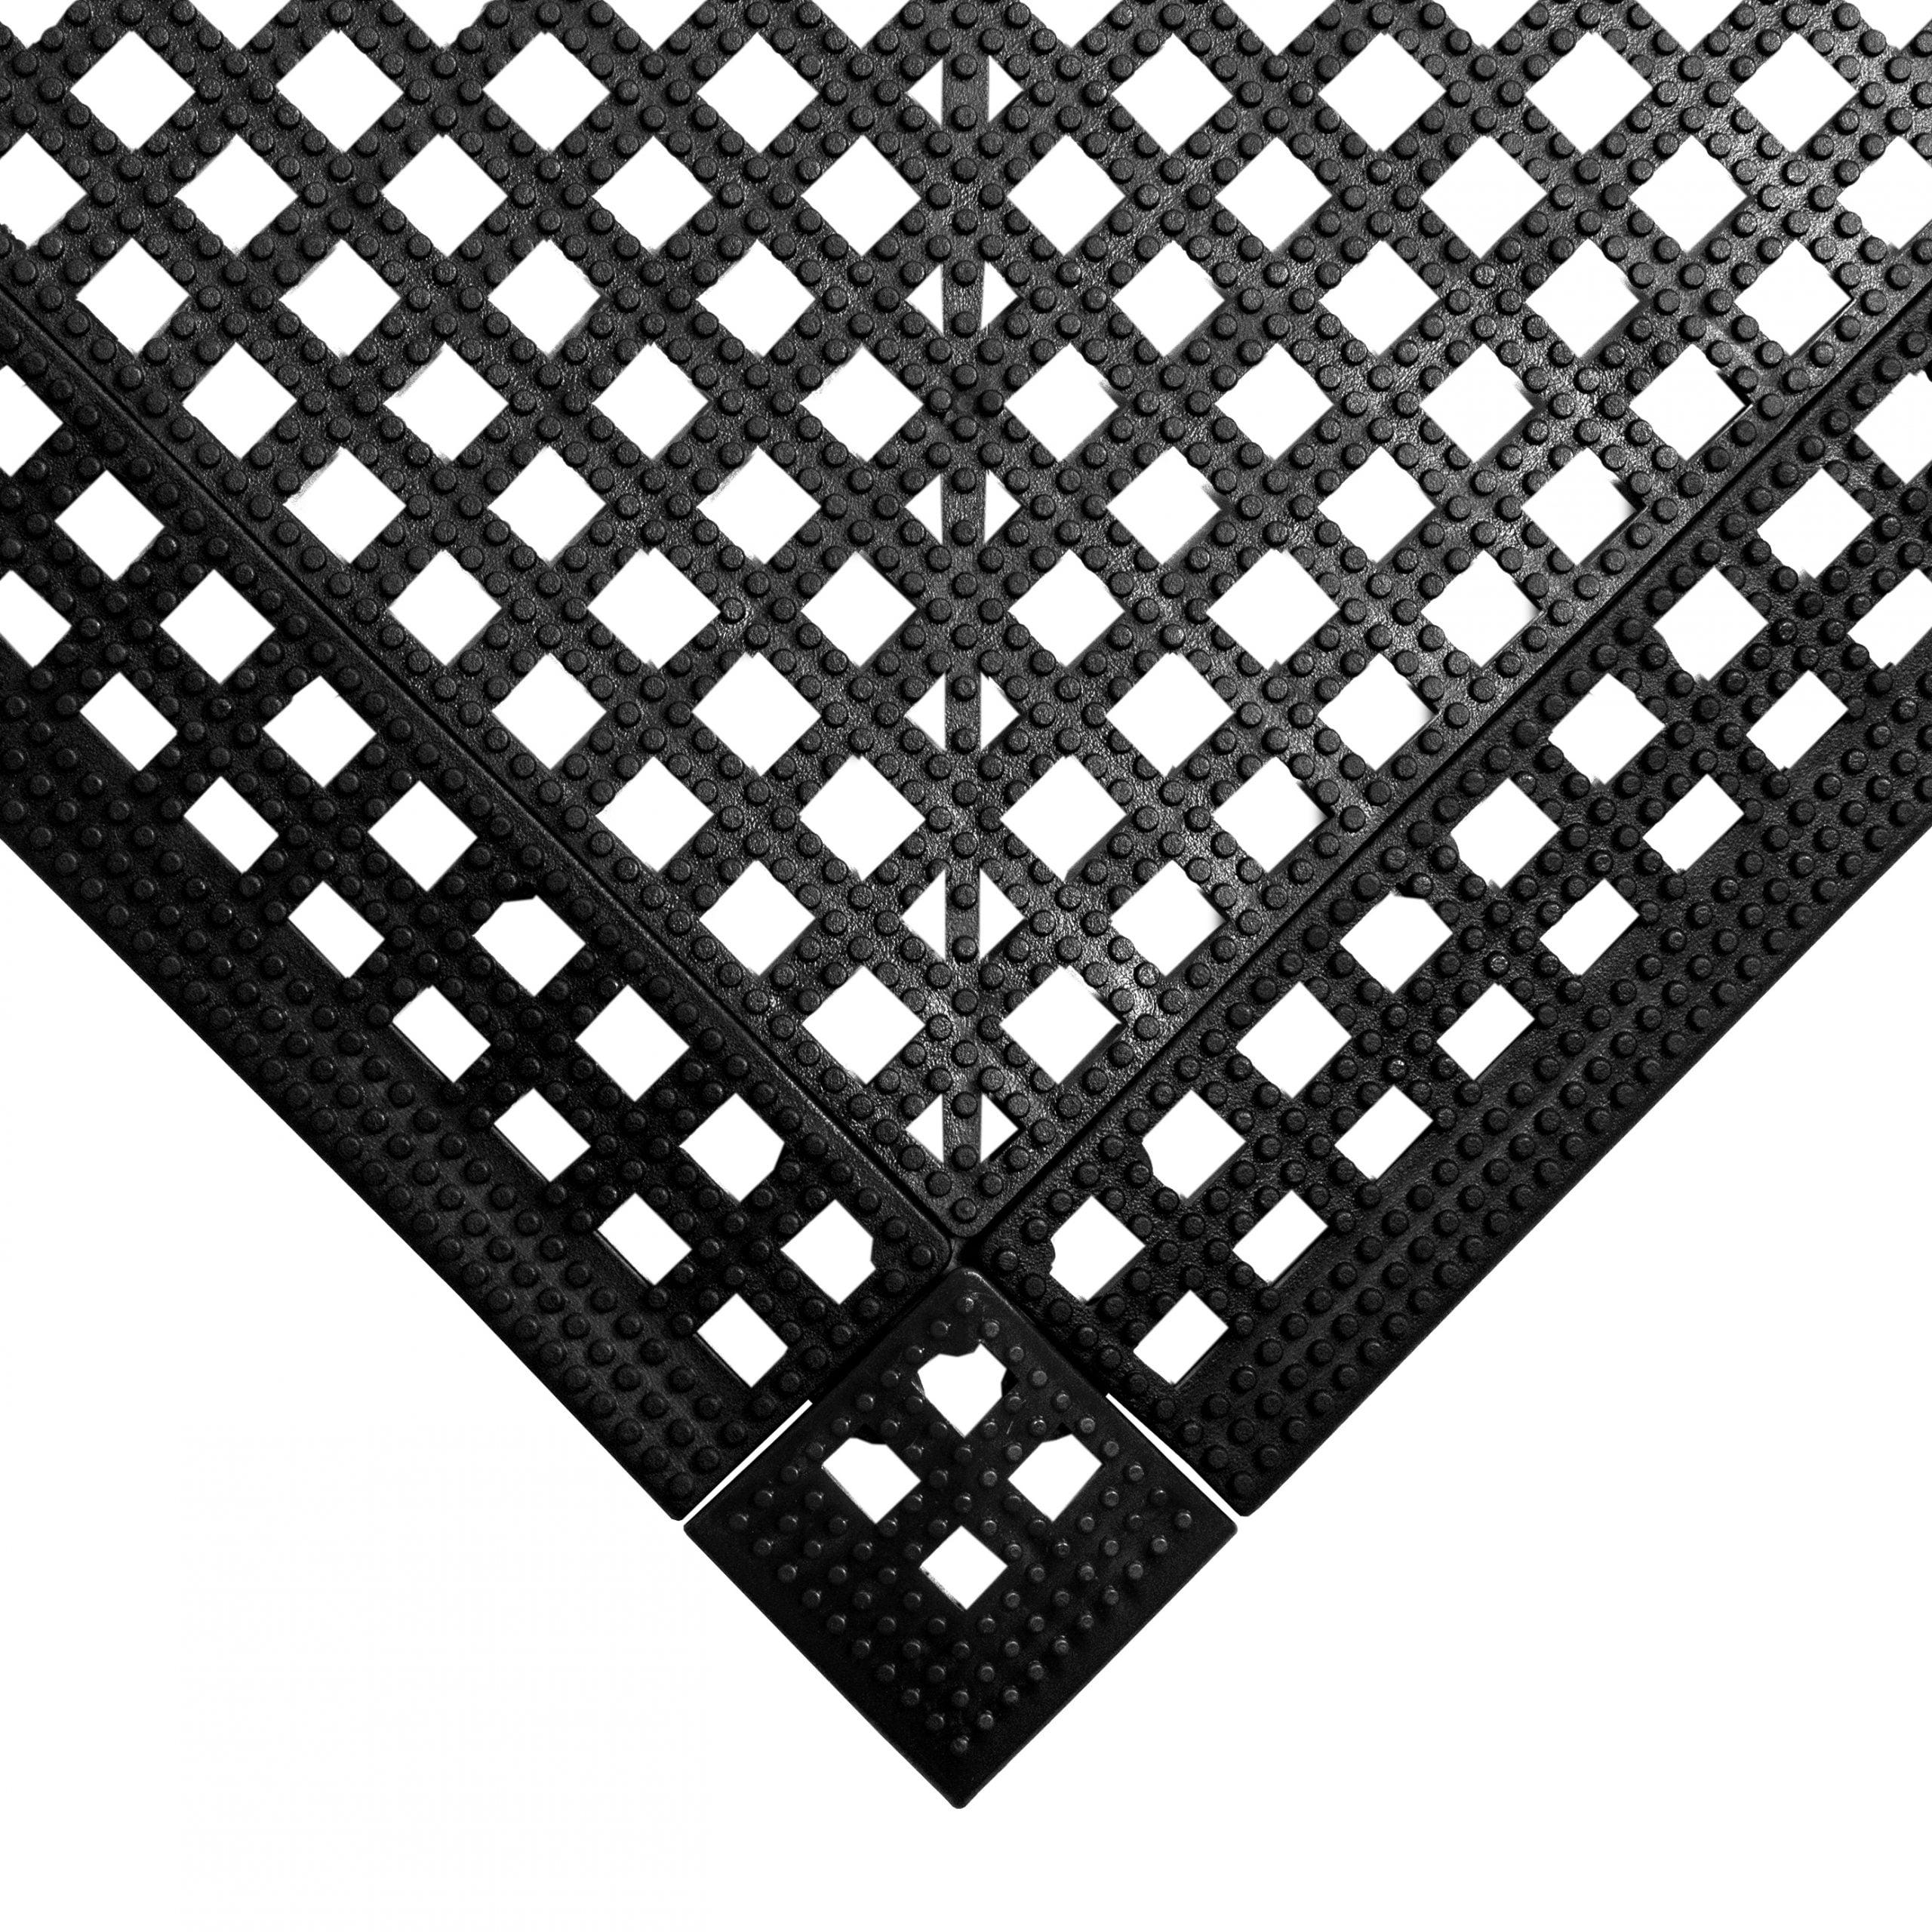 Flexi Deck Leisure Mat Style Black